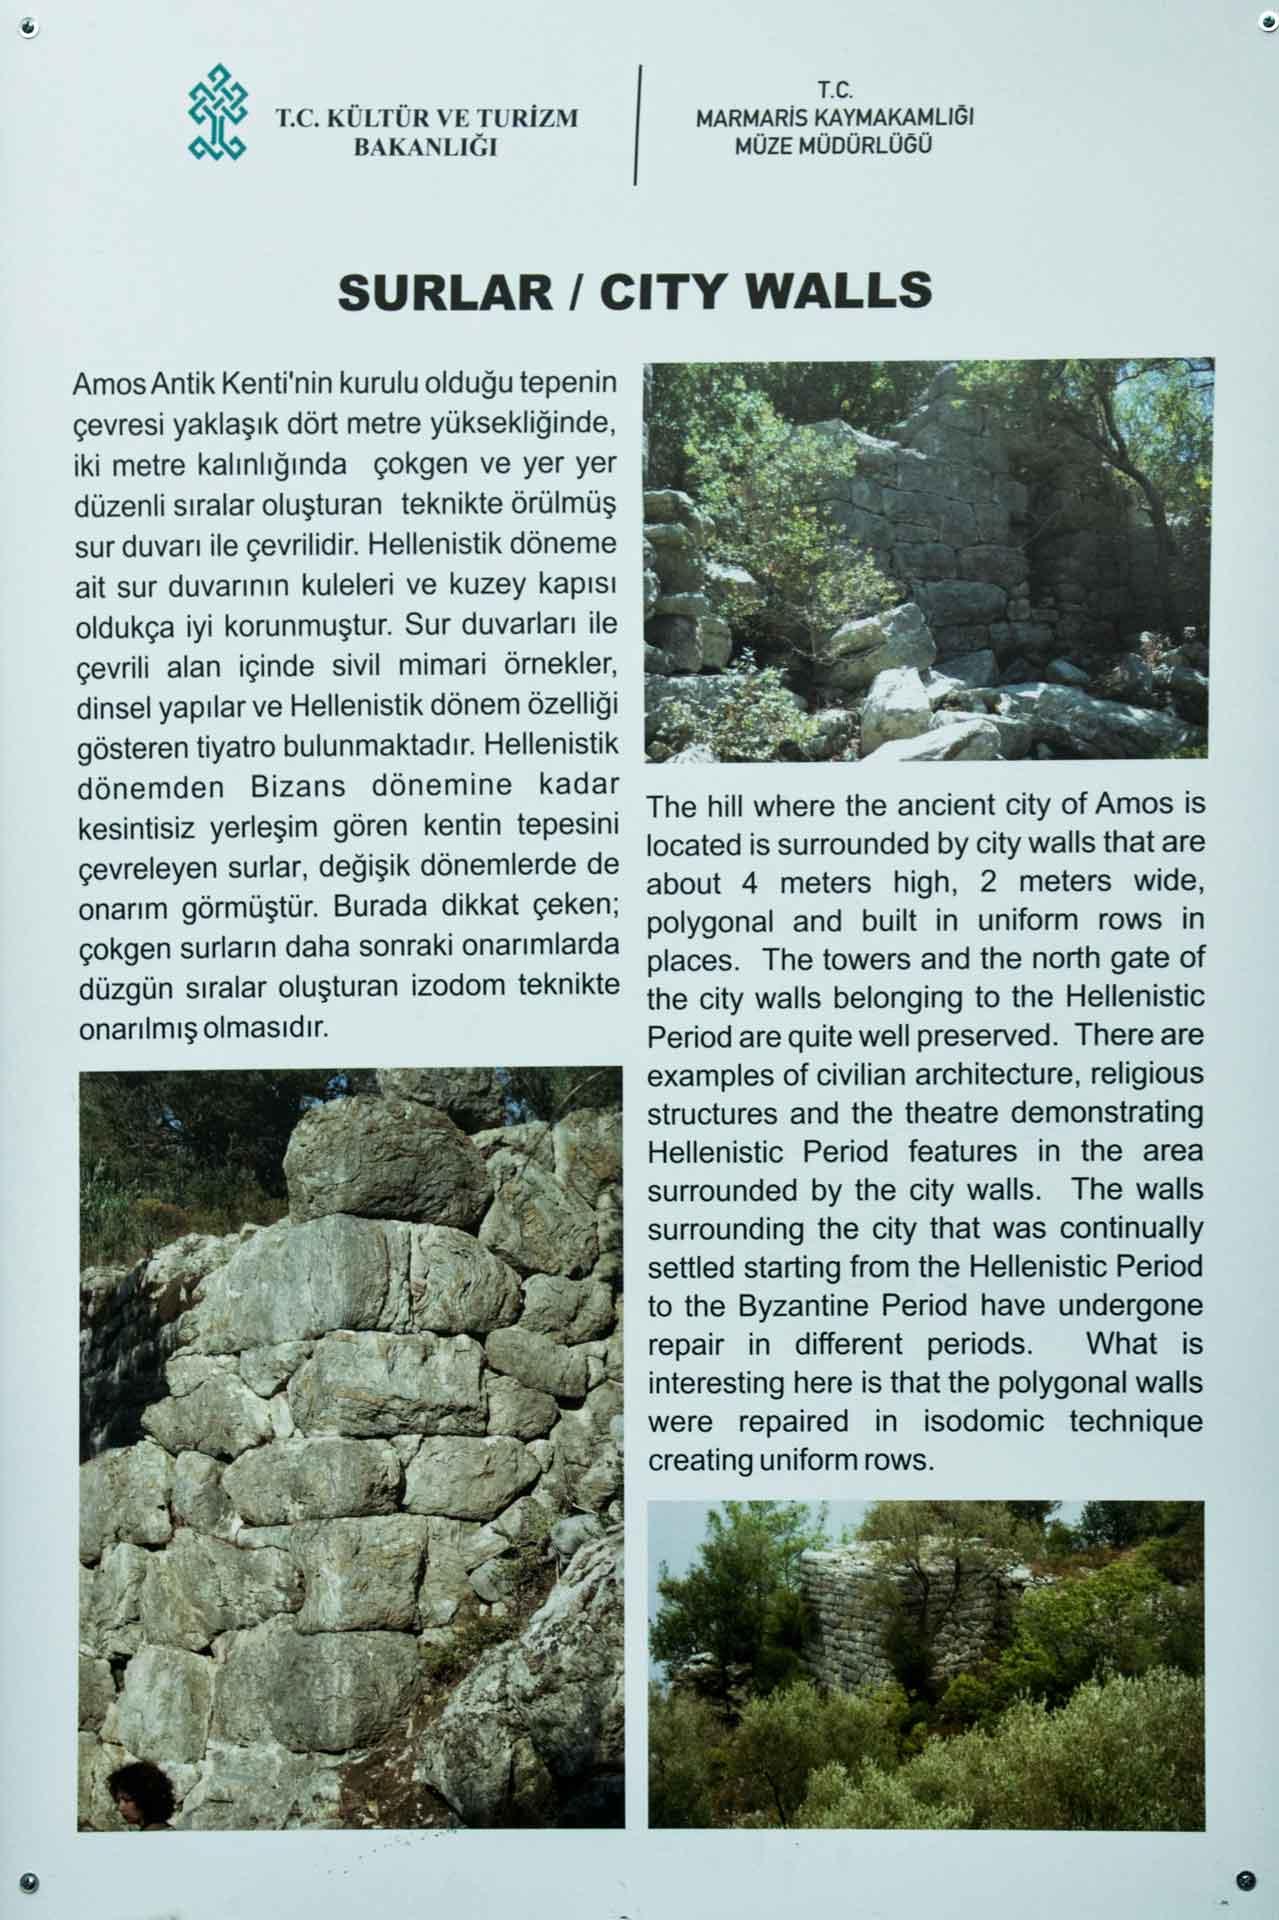 Amos Antik Kenti Marmaris Muğla Türkiye Gezgin Fotoğrafçı Çekergezer Hakan Aydın Fotoğrafları www.cekergezer.com www.cekergezer.com